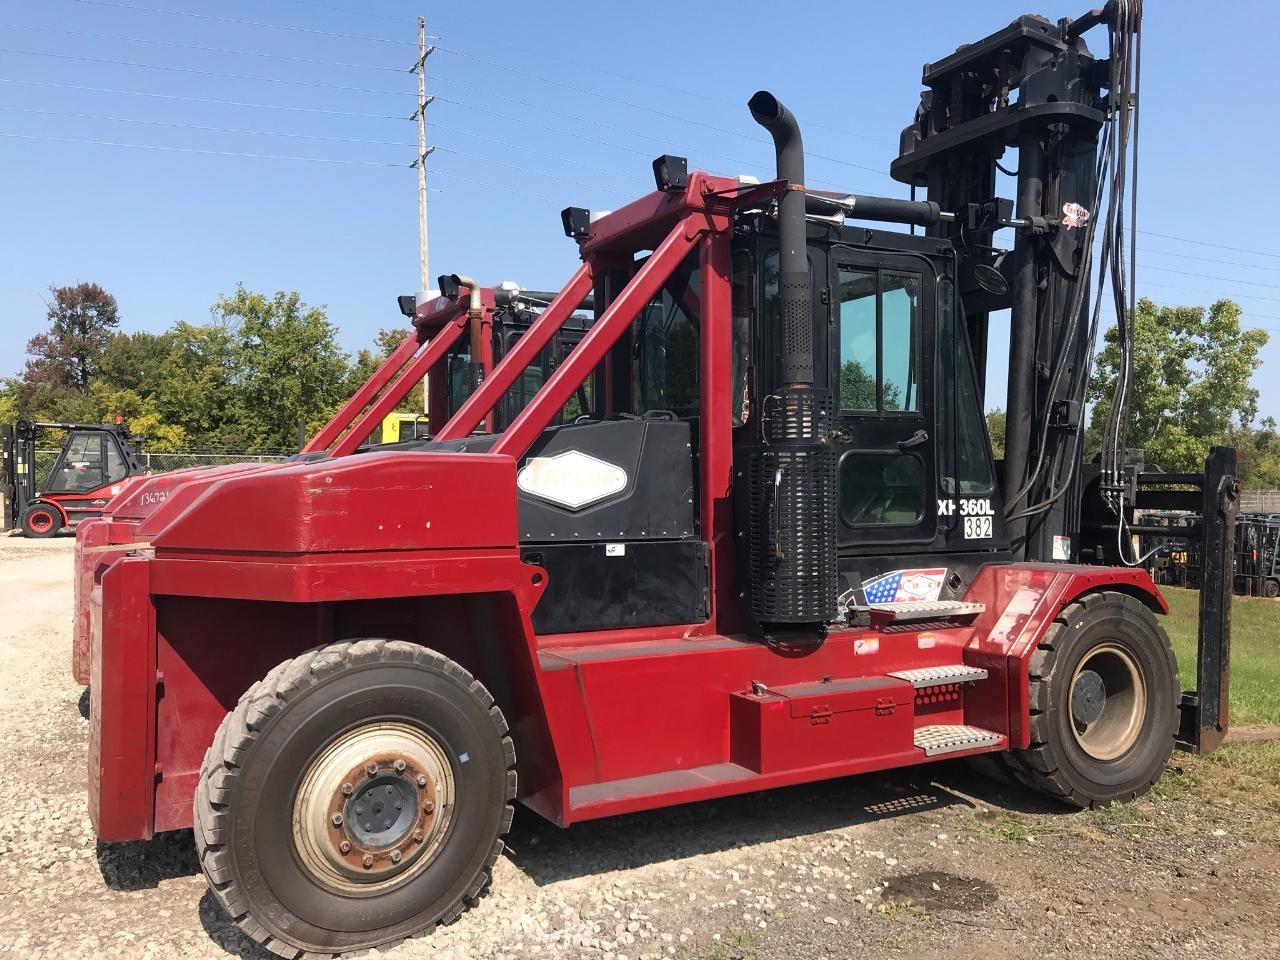 Used, 2016, Taylor, XH360L, Forklifts / Lift Trucks